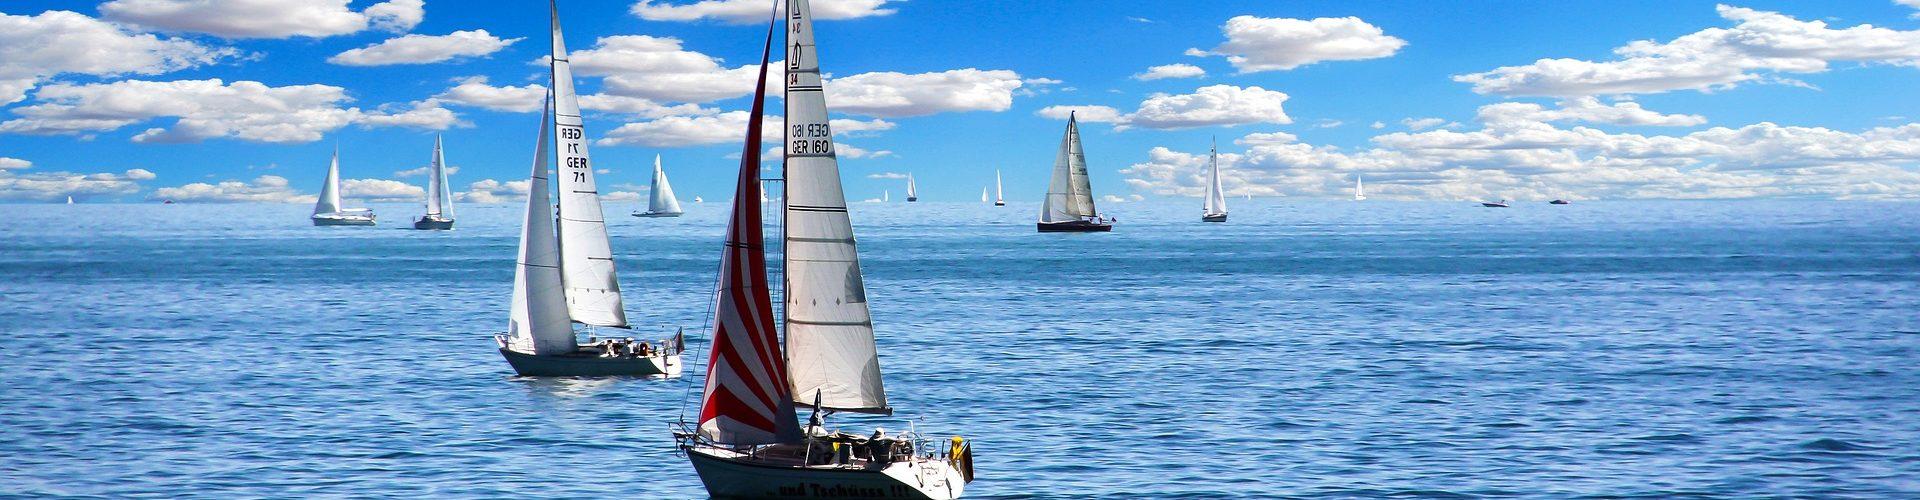 segeln lernen in Niederlehme segelschein machen in Niederlehme 1920x500 - Segeln lernen in Niederlehme